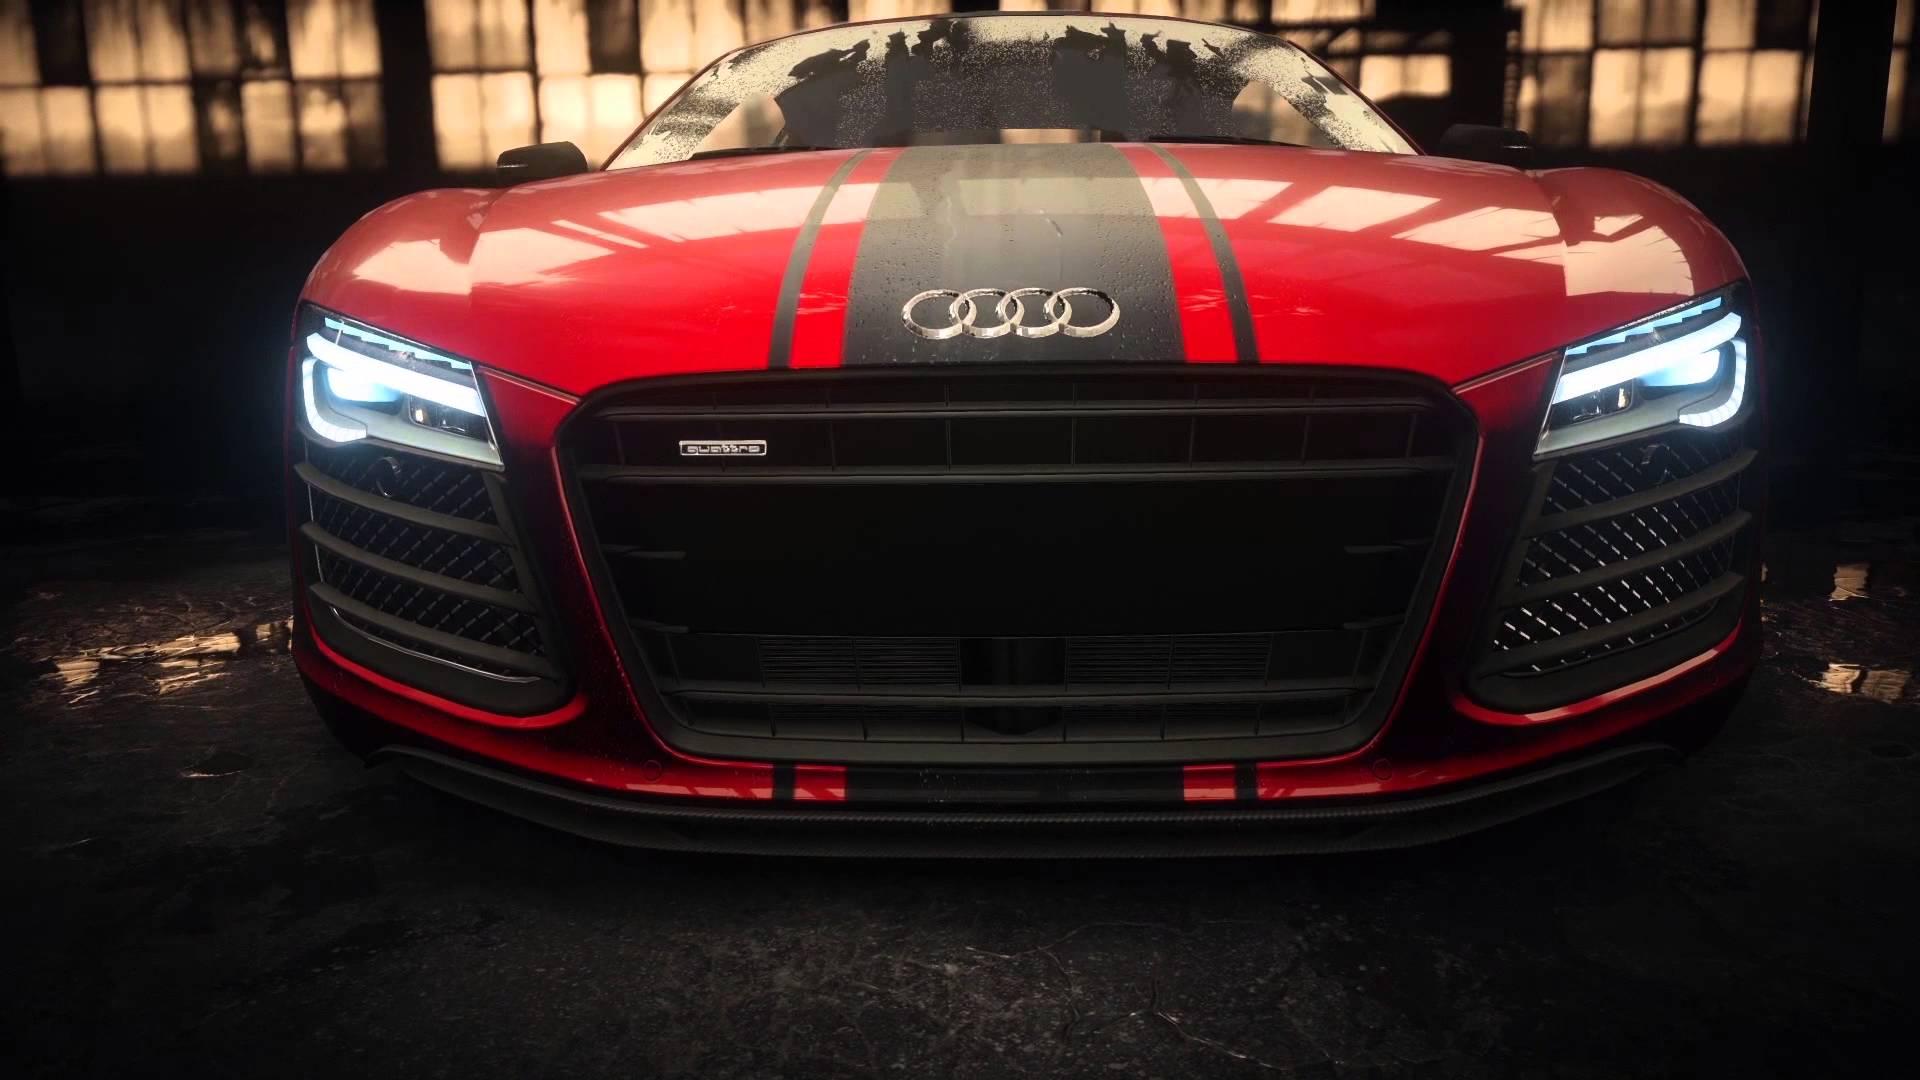 Un gameplay deNeed for Speed Rivalsvous montrant comment «Pimp my ride» avec des options de personnalisation de votre voiture. Vous aurez le choix entre des améliorations technique et des amélioration […]